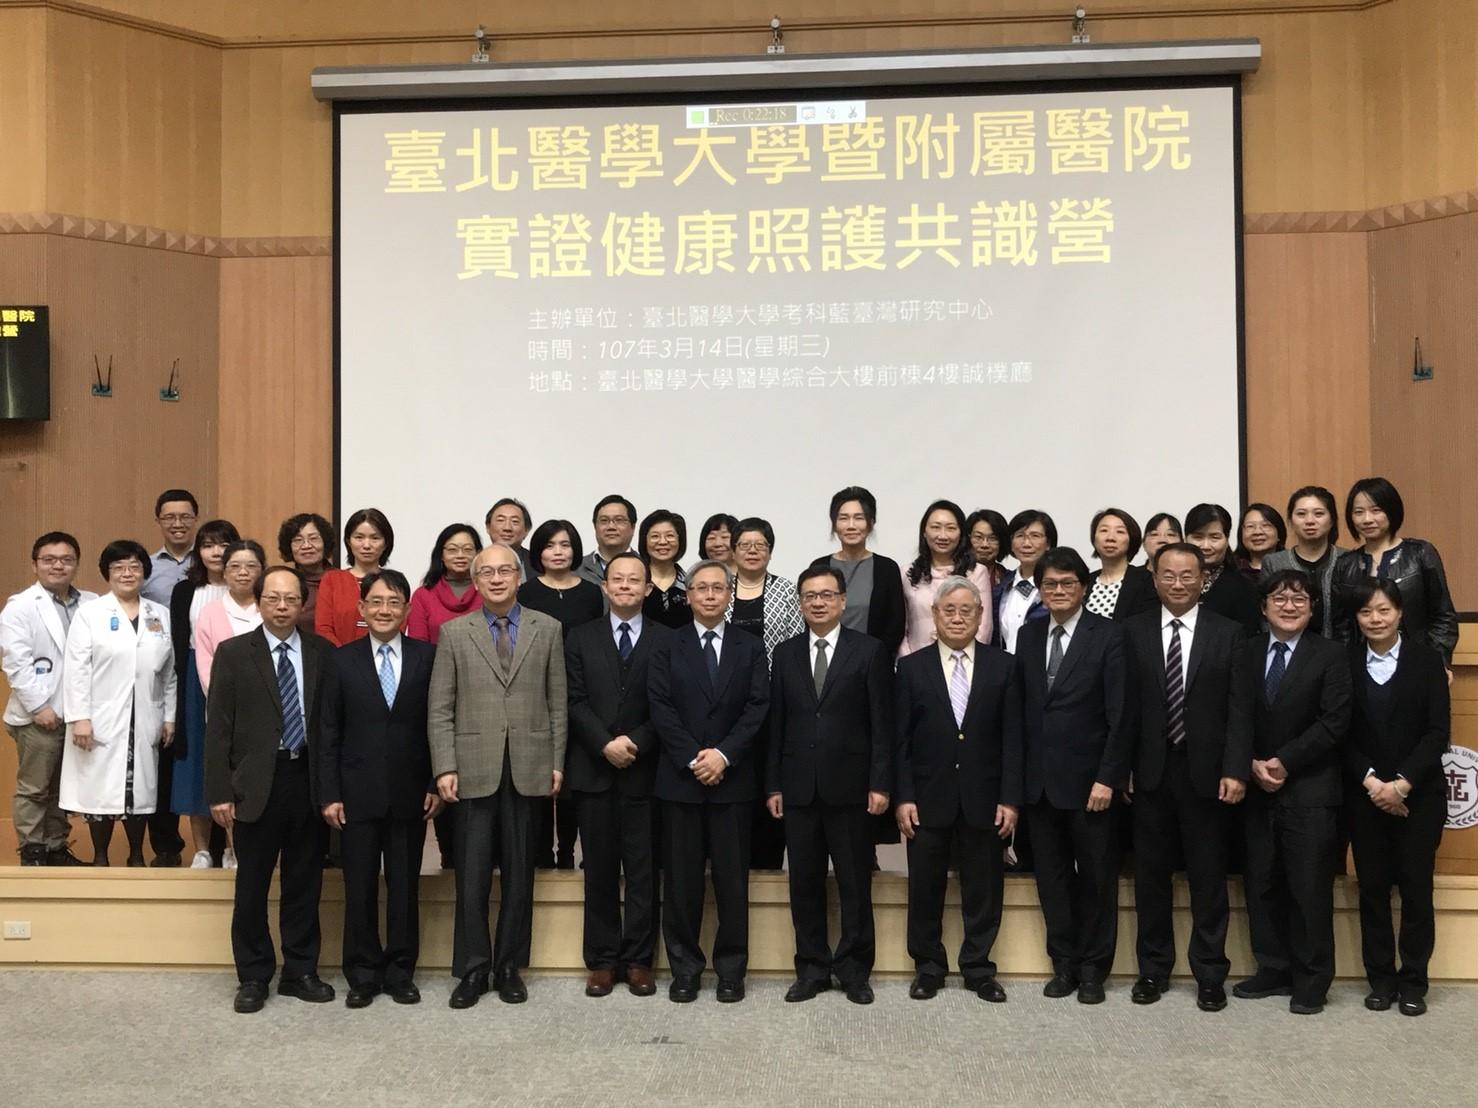 20180314臺北醫學大學附屬醫院實證健康照護共識營